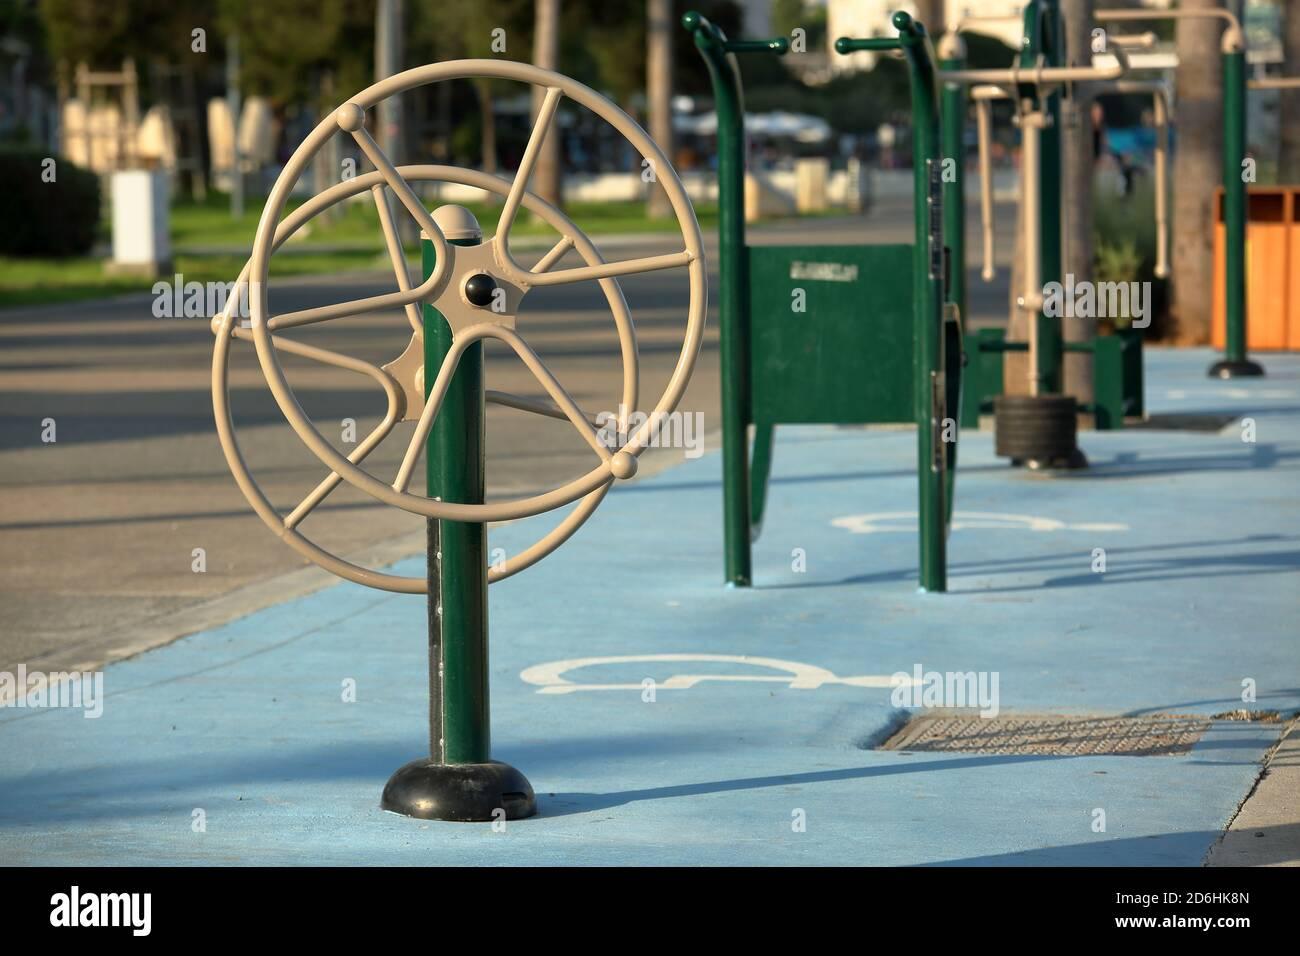 Salle de sport extérieure avec équipement spécial pour l'activité sportive, la réhabilitation pour les personnes handicapées, dans le parc public de Limassol, Chypre. Banque D'Images